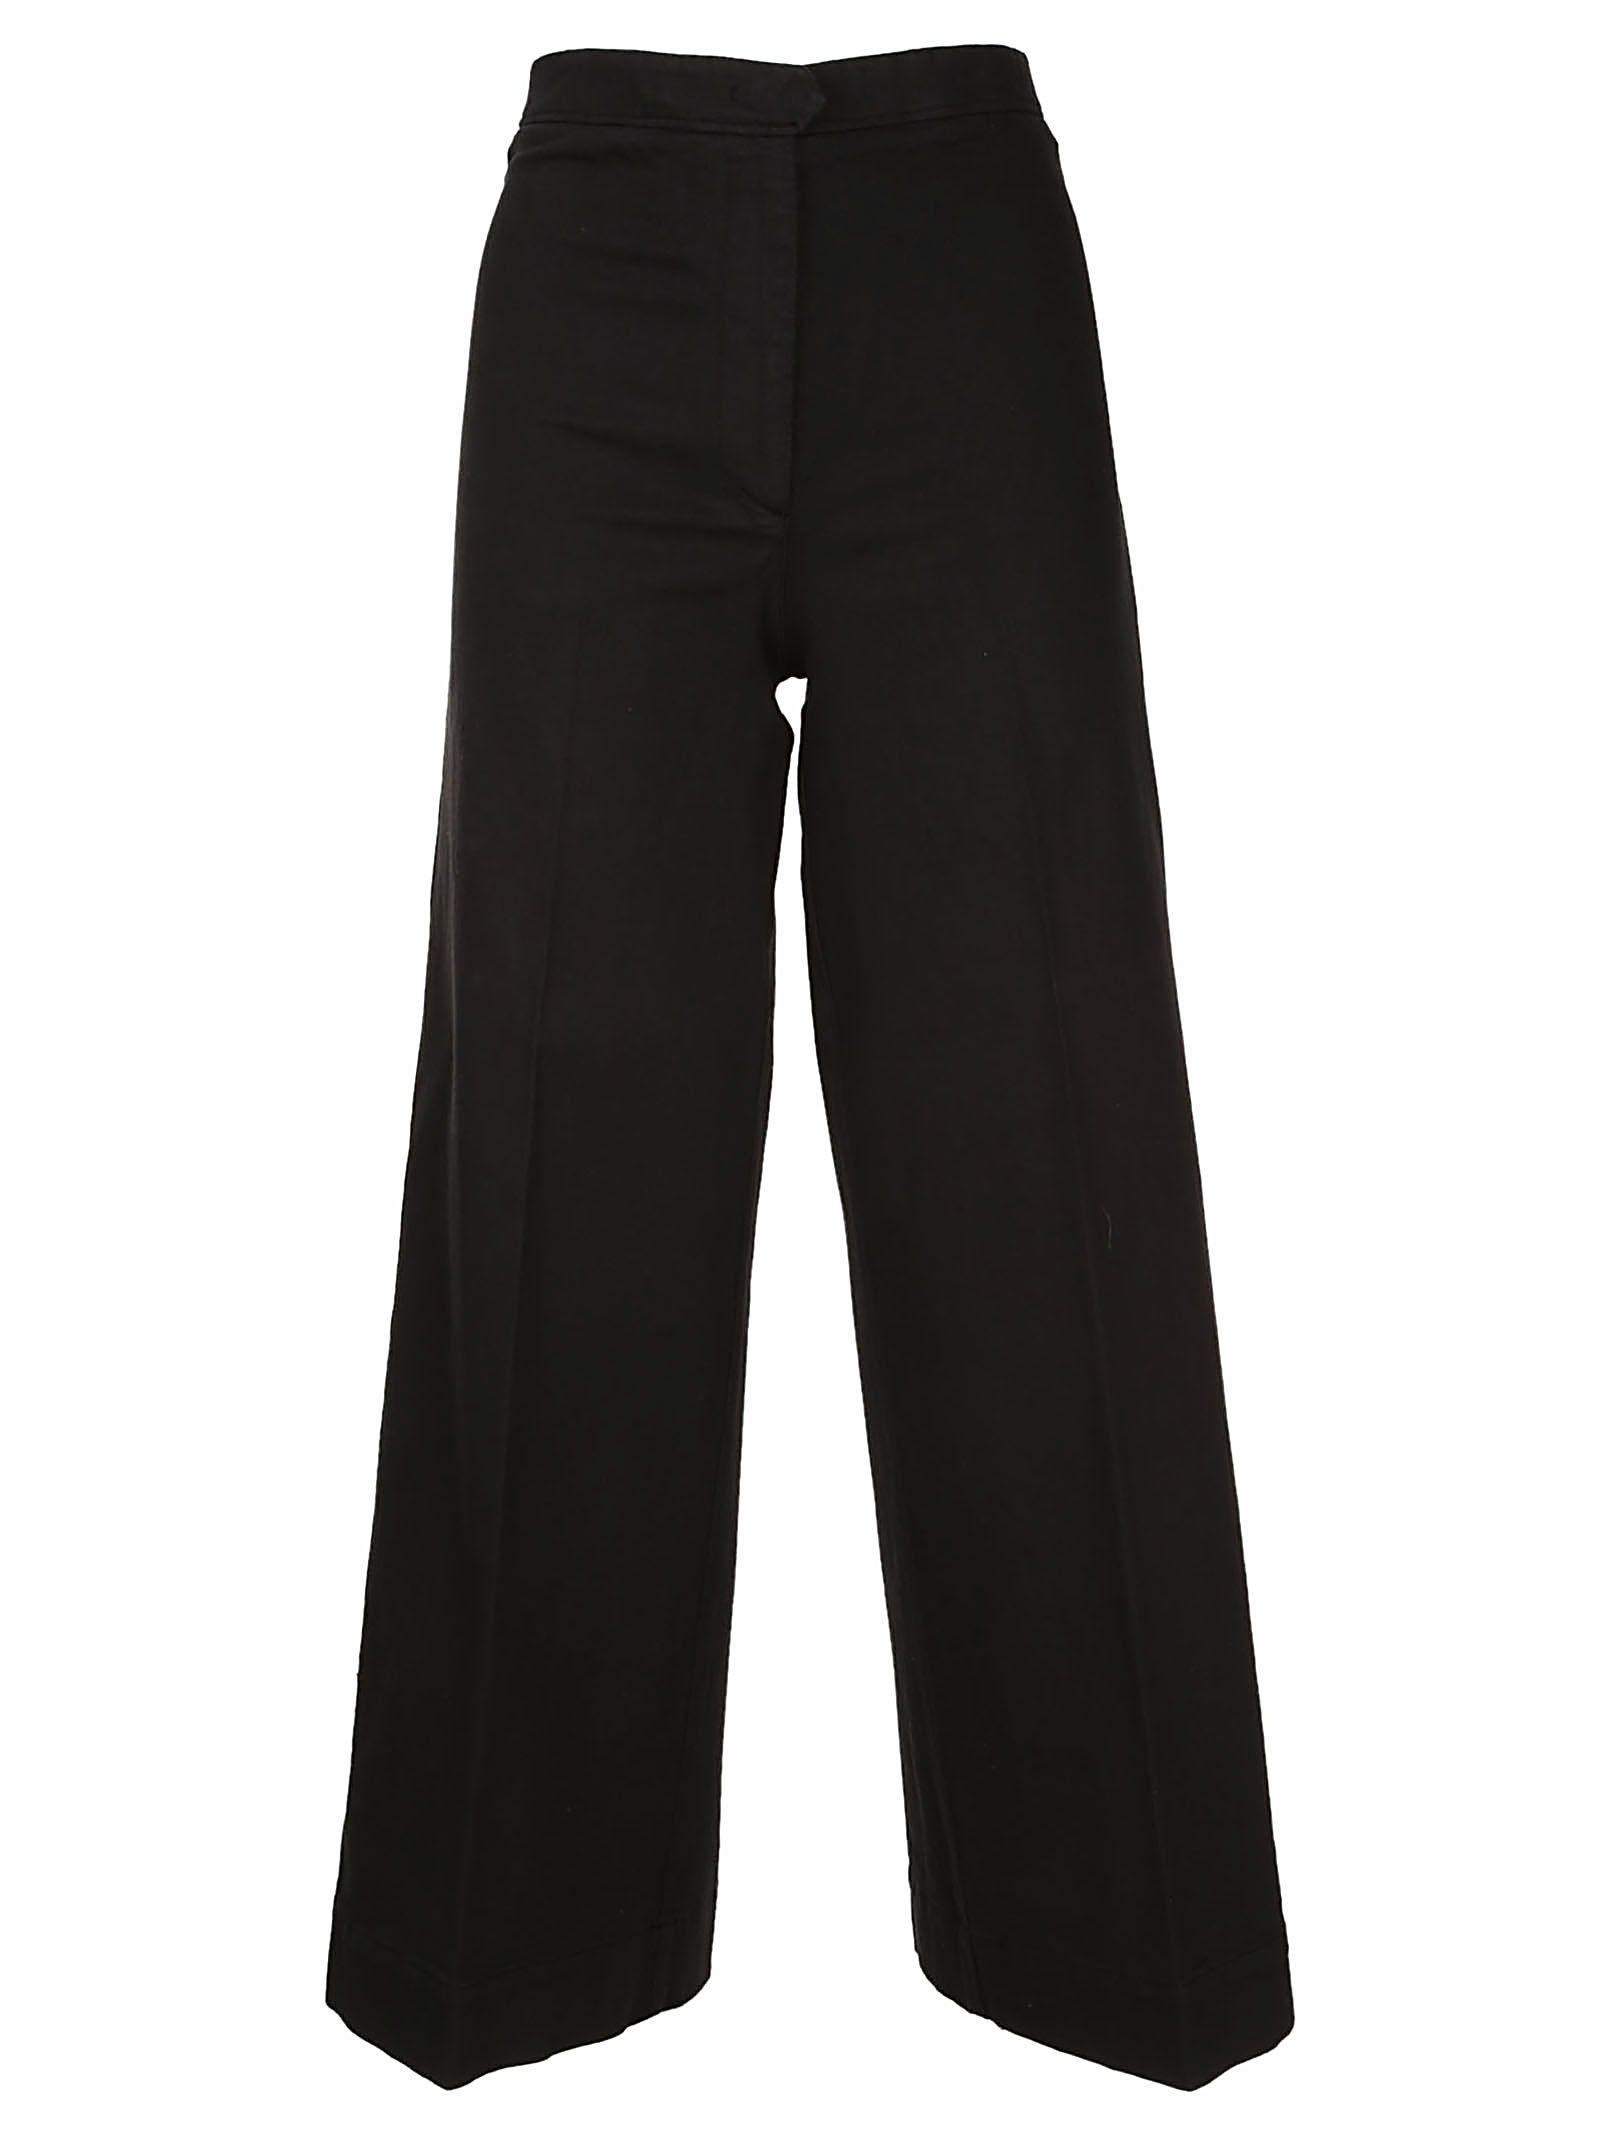 ql2 - Quelledue Wide Leg Trousers